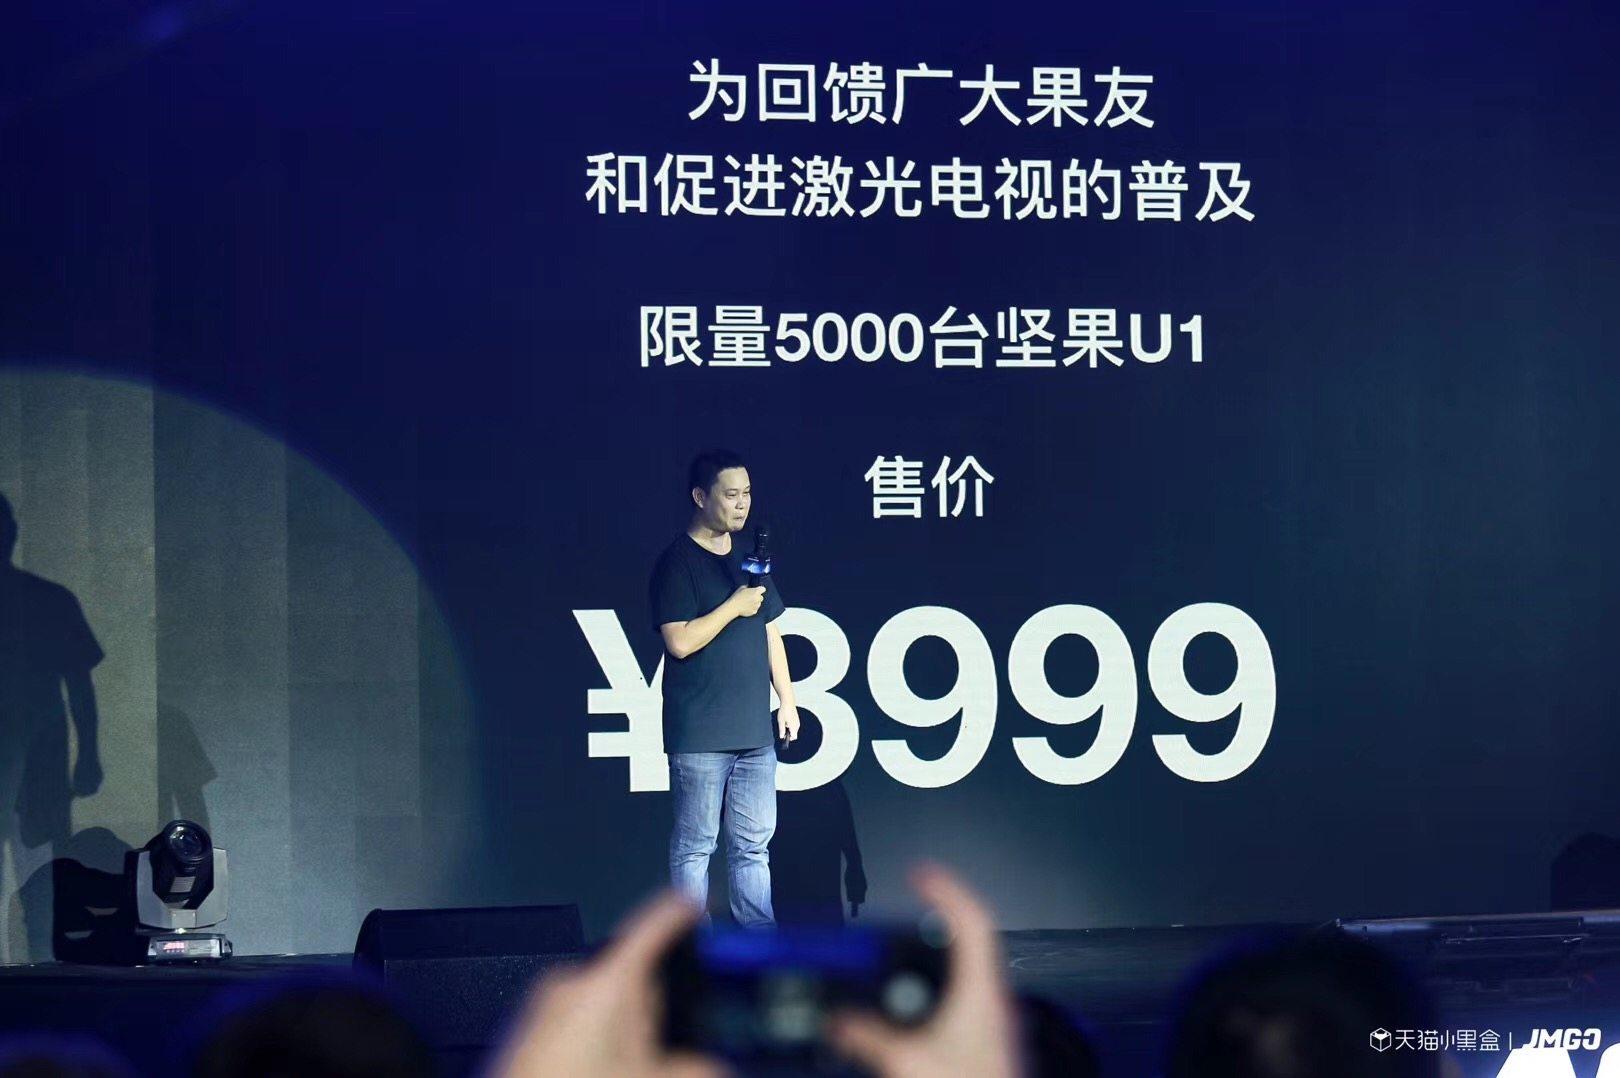 坚果智能投影正式进入4K时代 坚果X3/U1/S3三款新品齐亮相